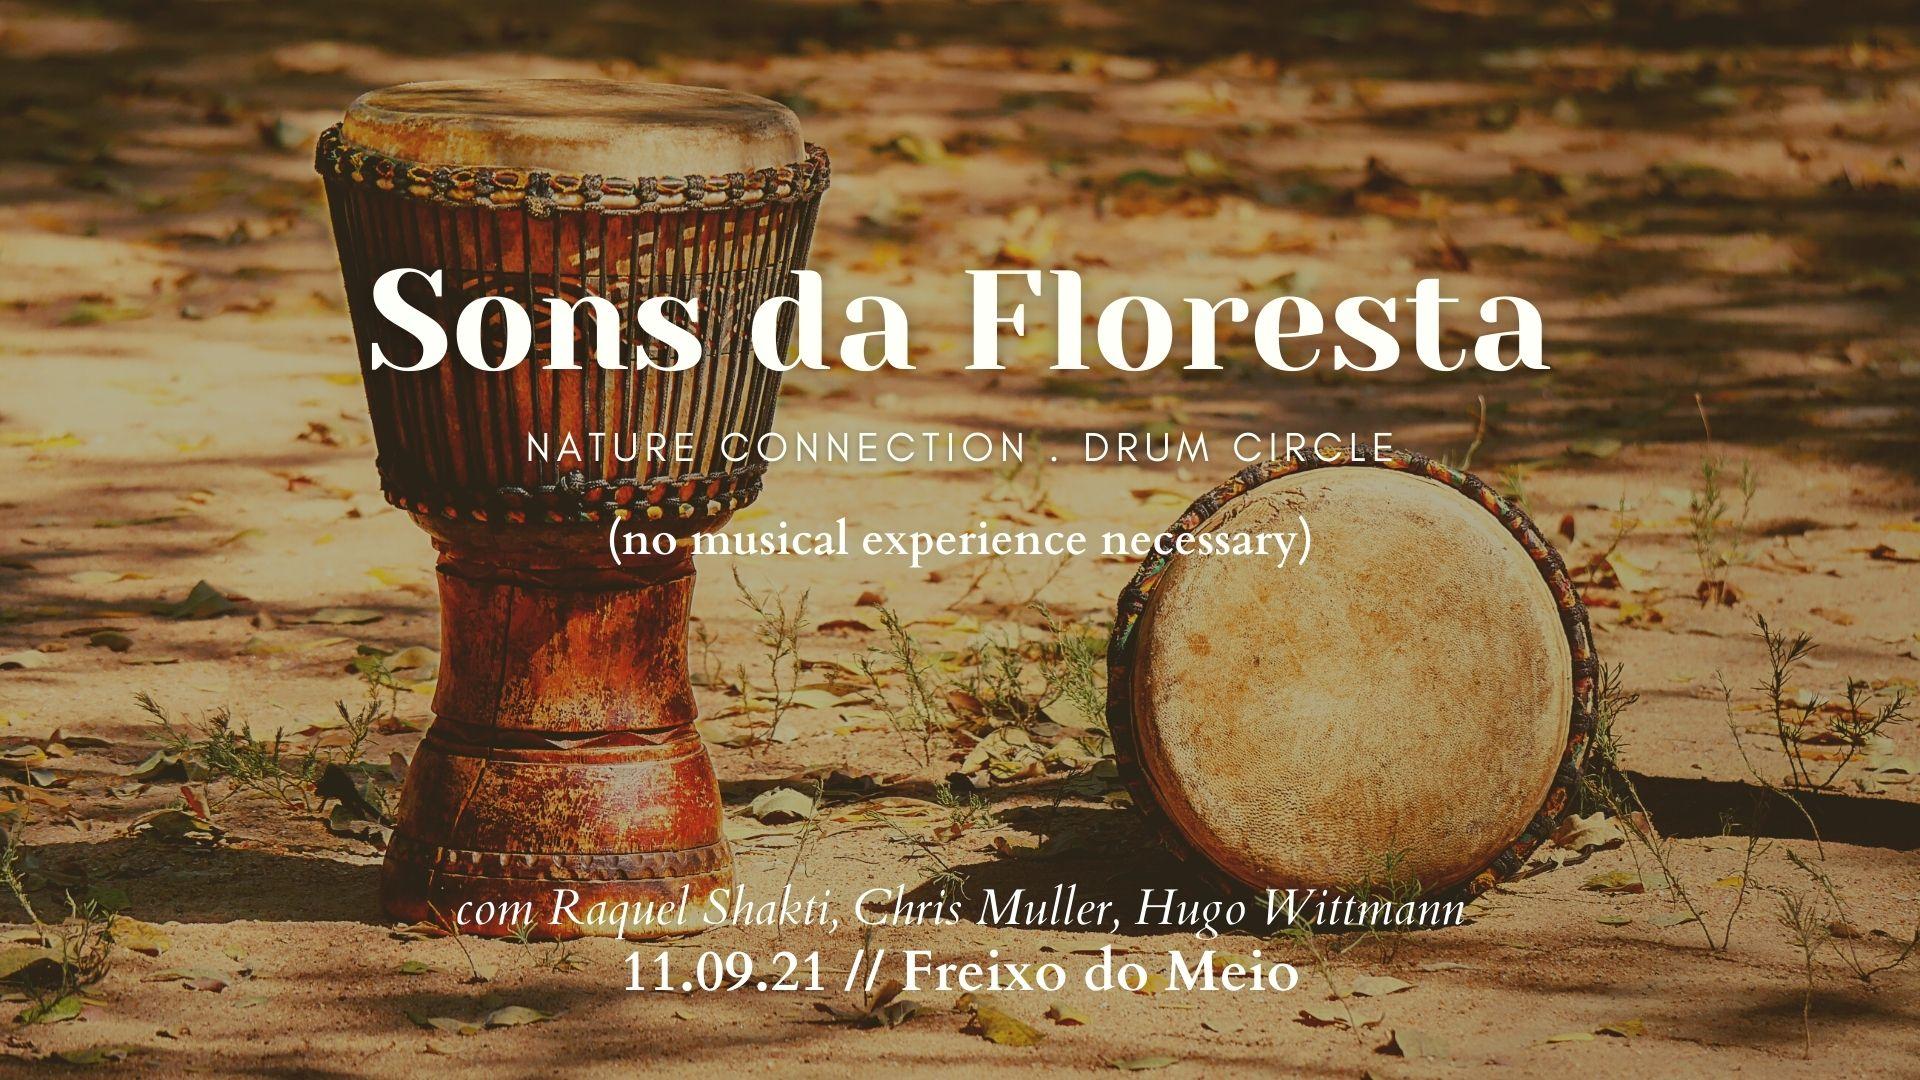 Sons da Floresta - Freixo do Meio